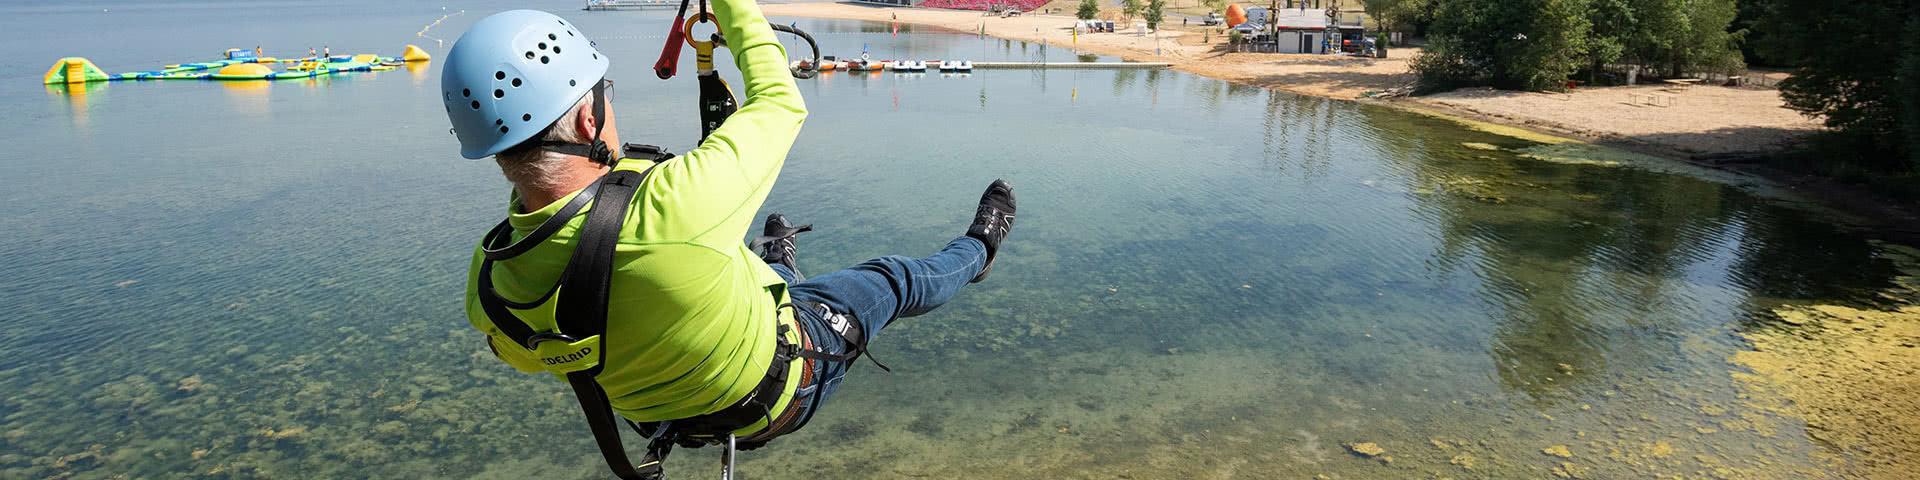 Zipline fahren über den Zülpicher See